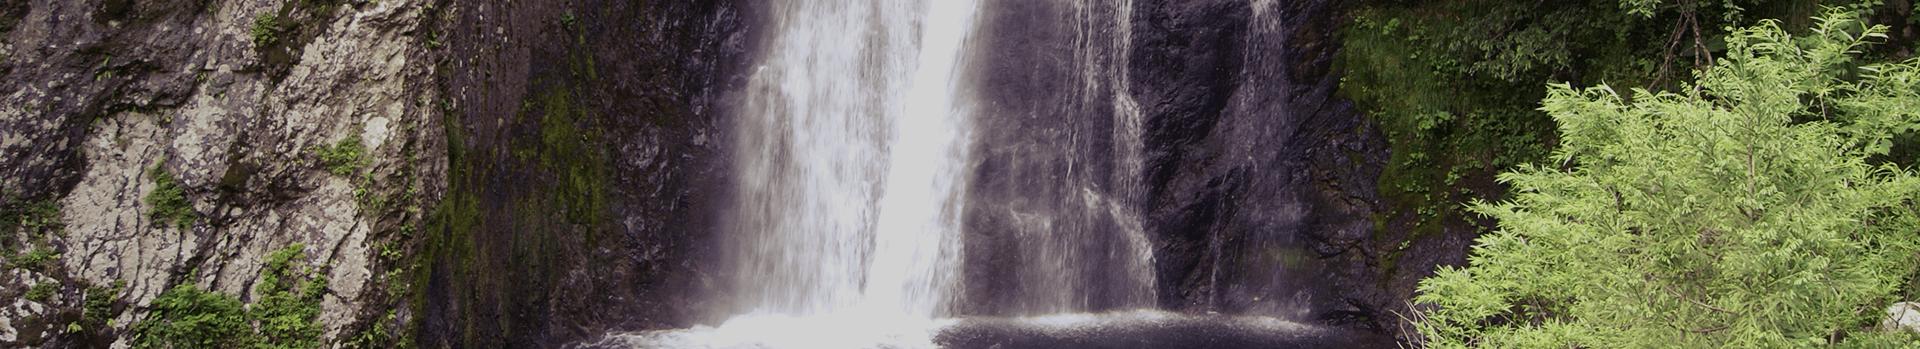 銚子の滝ページトップ